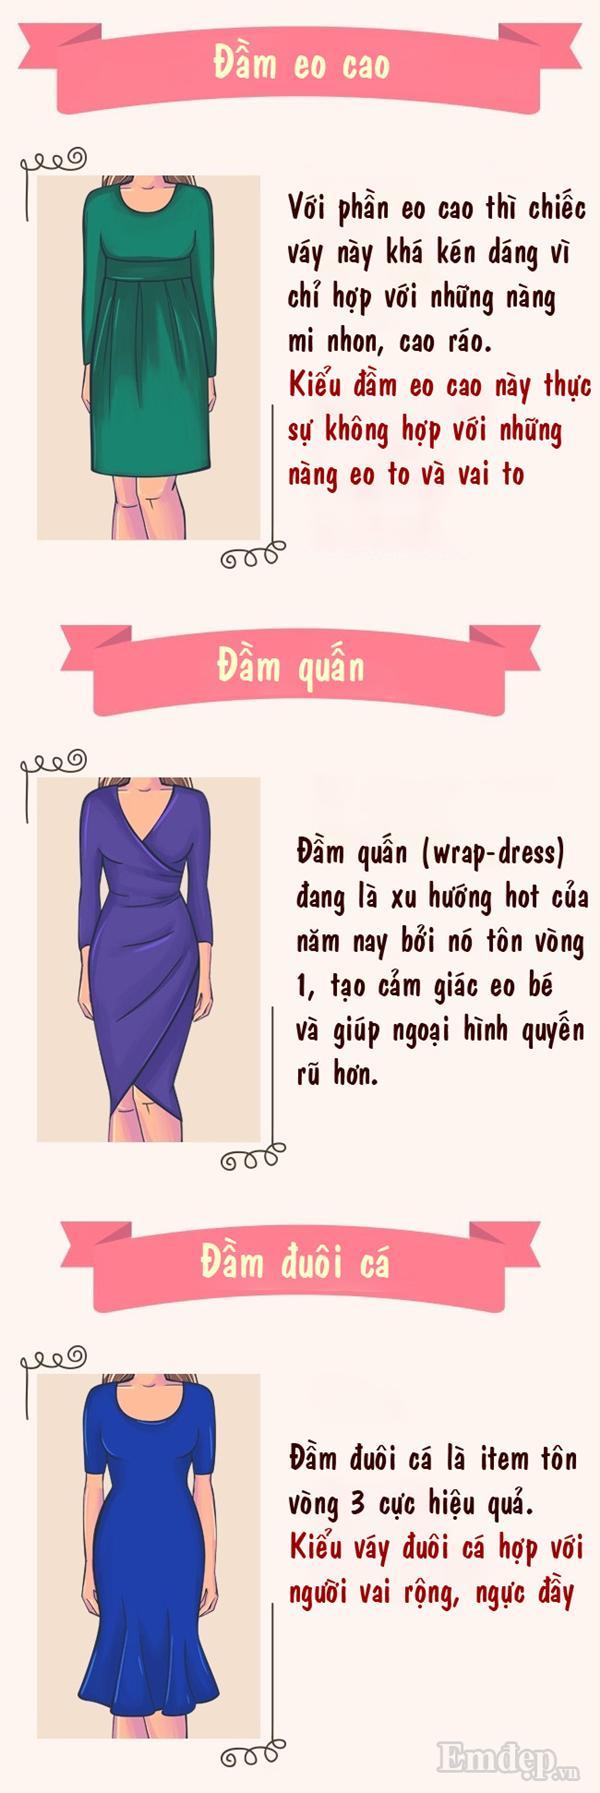 Ưu nhược điểm to đùng của 10 kiểu váy bạn mặc hàng ngày-2